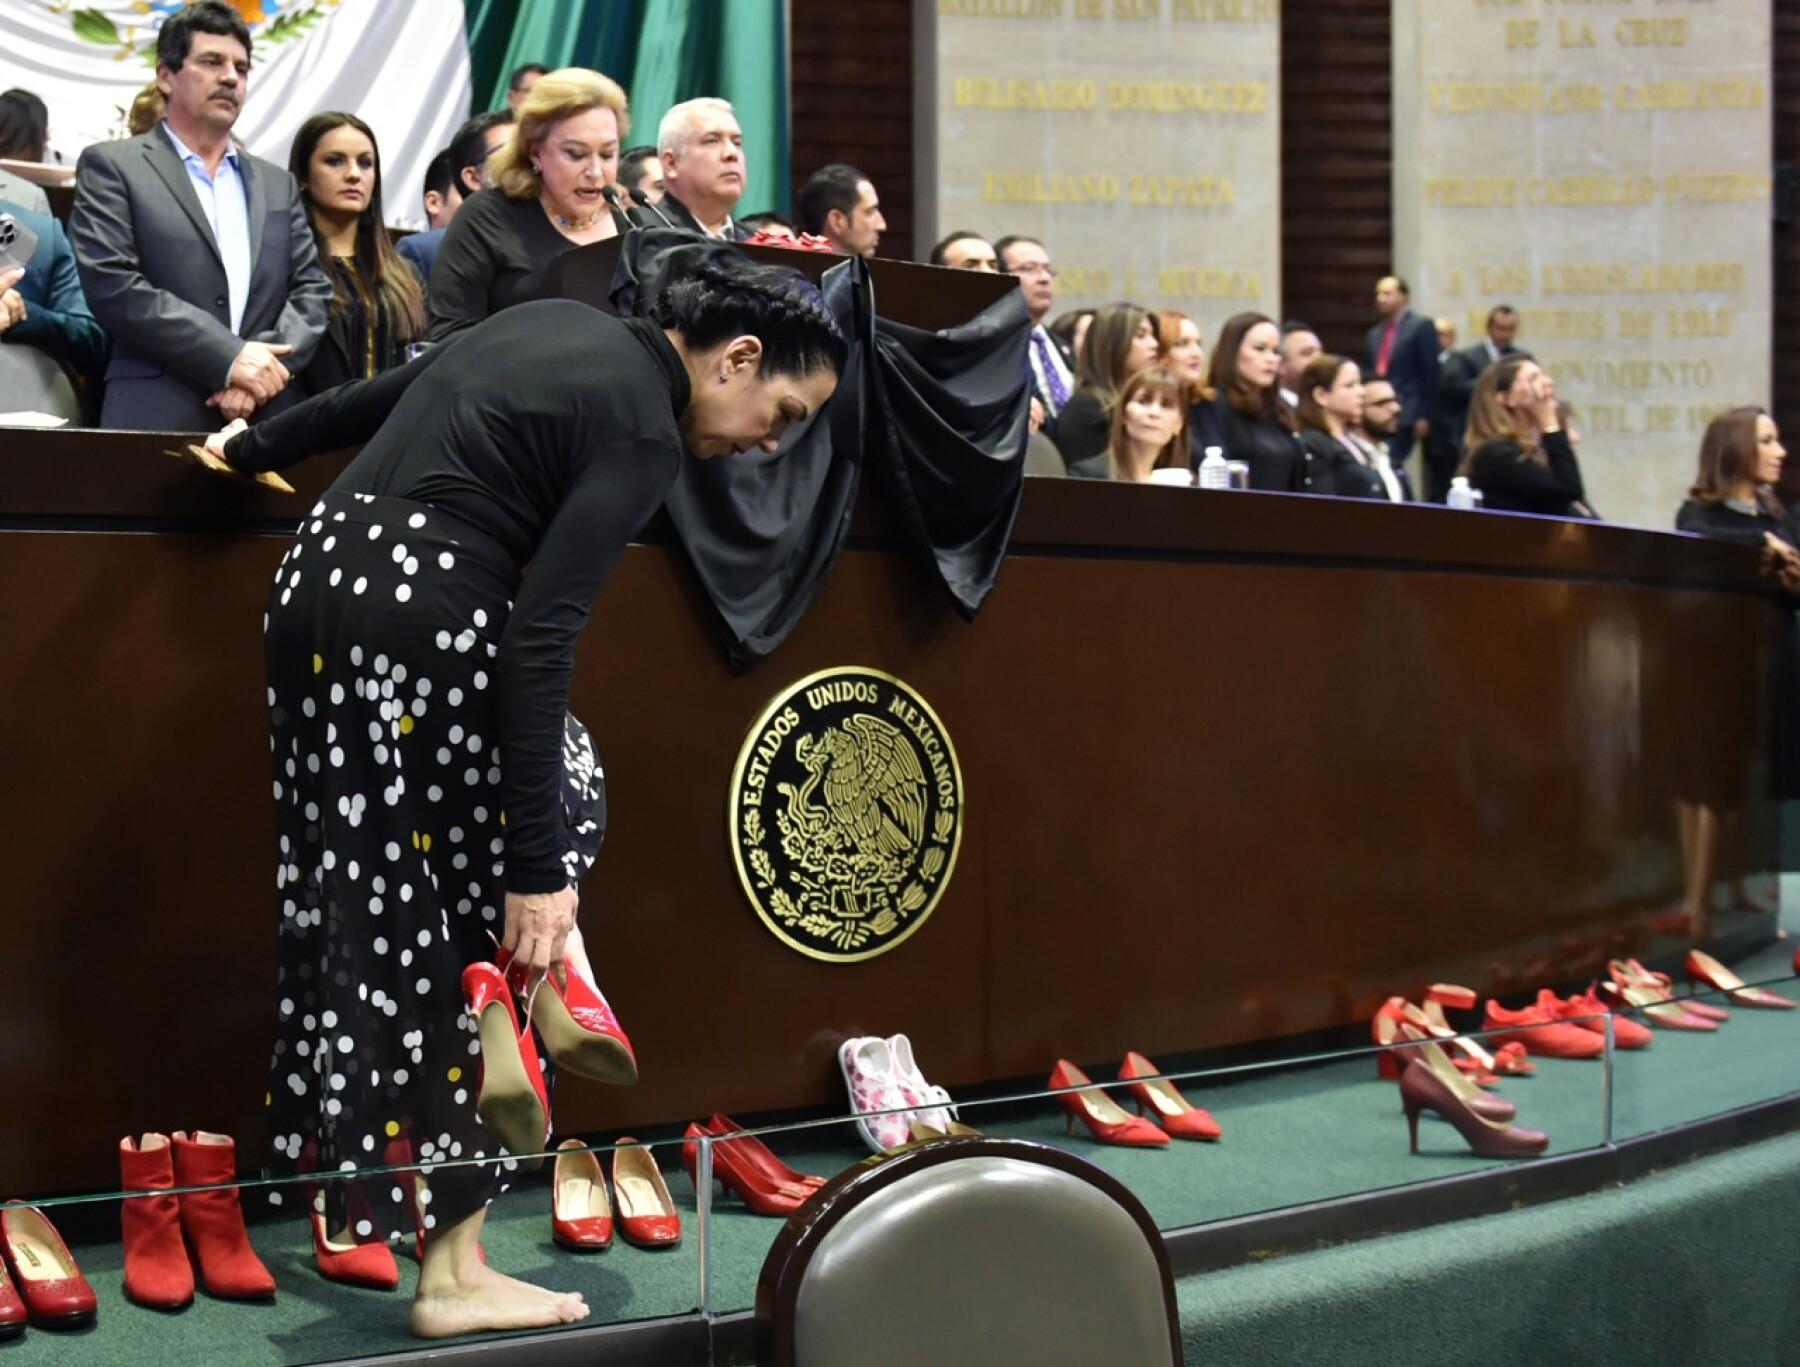 diputadas reclaman por feminicidios